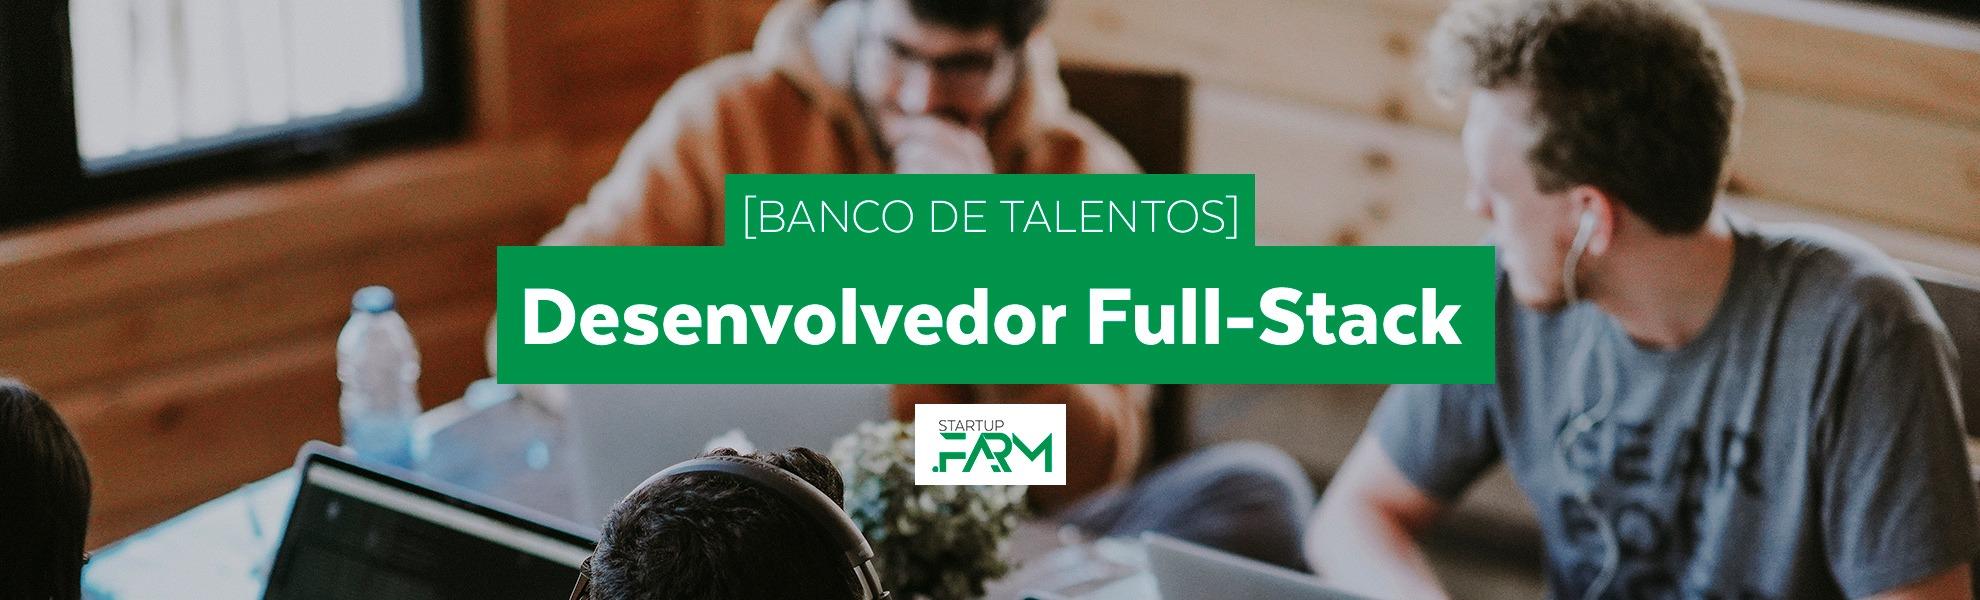 [Banco de Talentos] Desenvolvedor Full-Stack